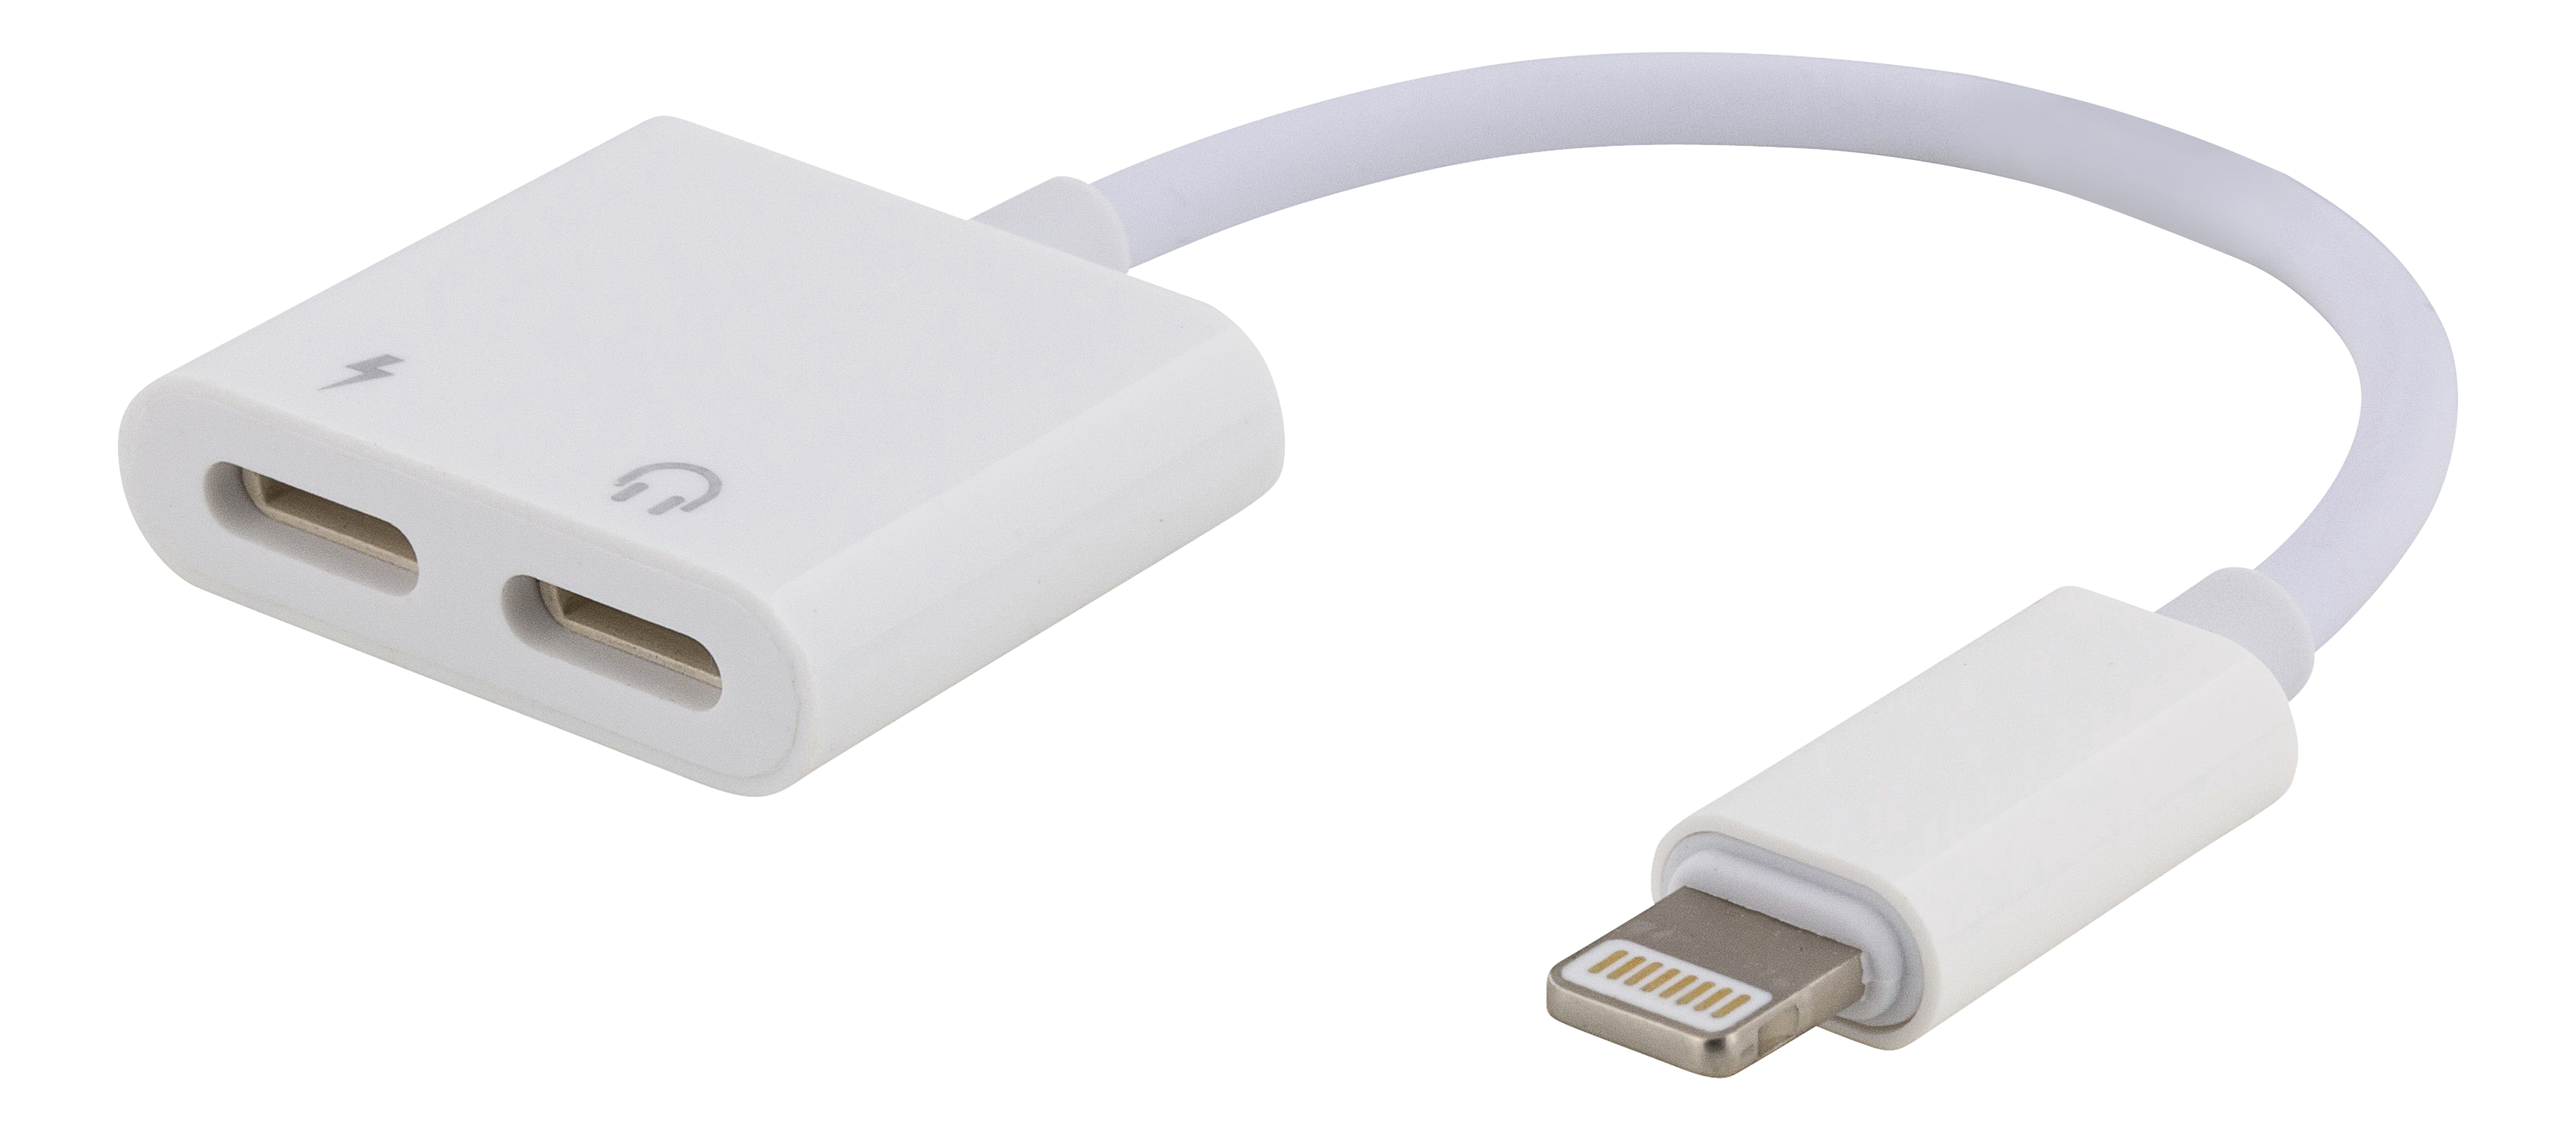 EPZI Lightning to Dual Lightning adapter, 0.1m, white WE-120